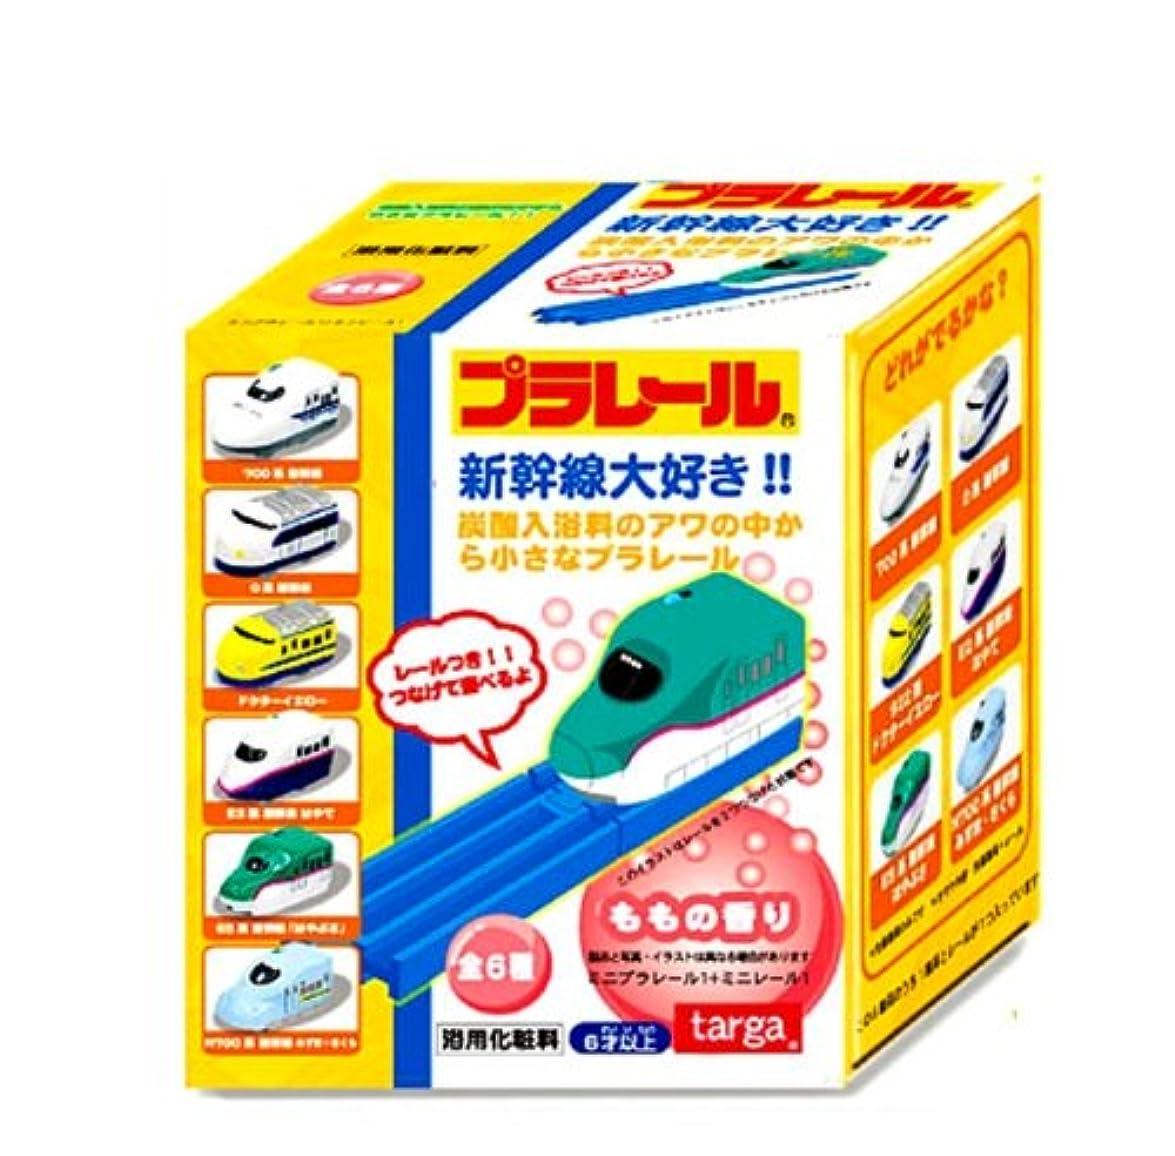 つぶやき玉コンクリートプラレール炭酸入浴料 BOX